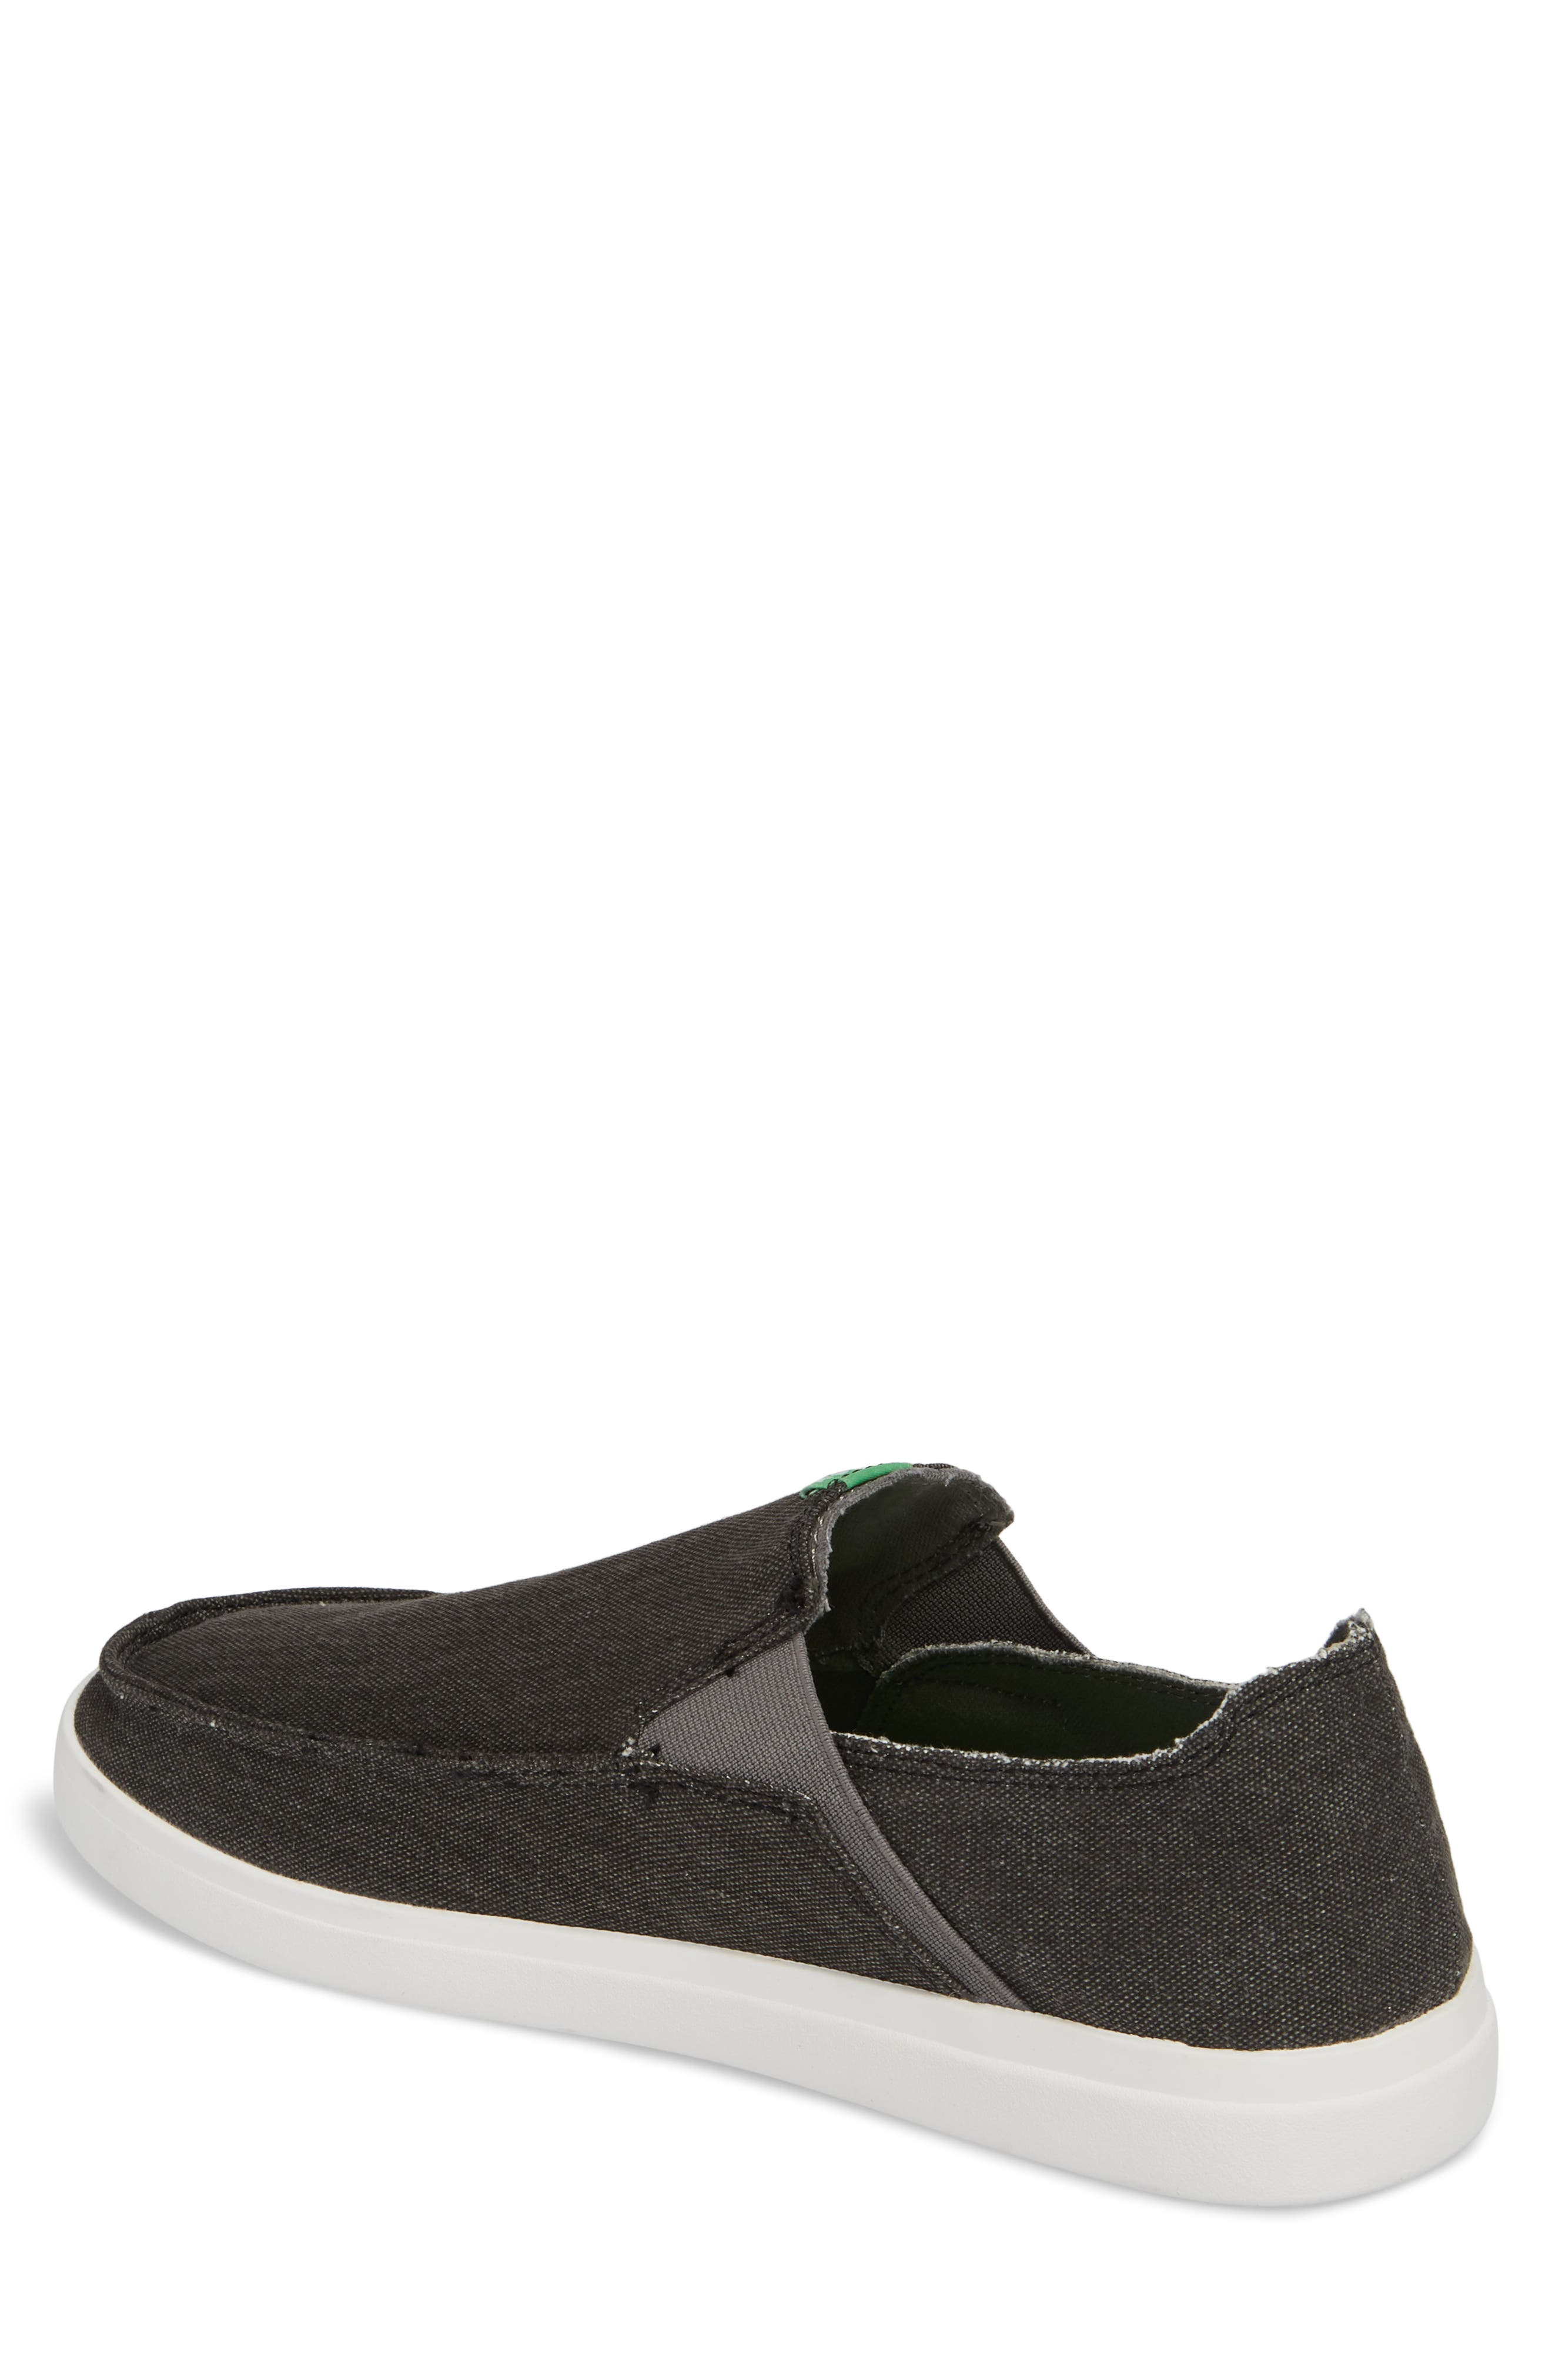 Pickpocket Slip-On Sneaker,                             Alternate thumbnail 2, color,                             BLACK